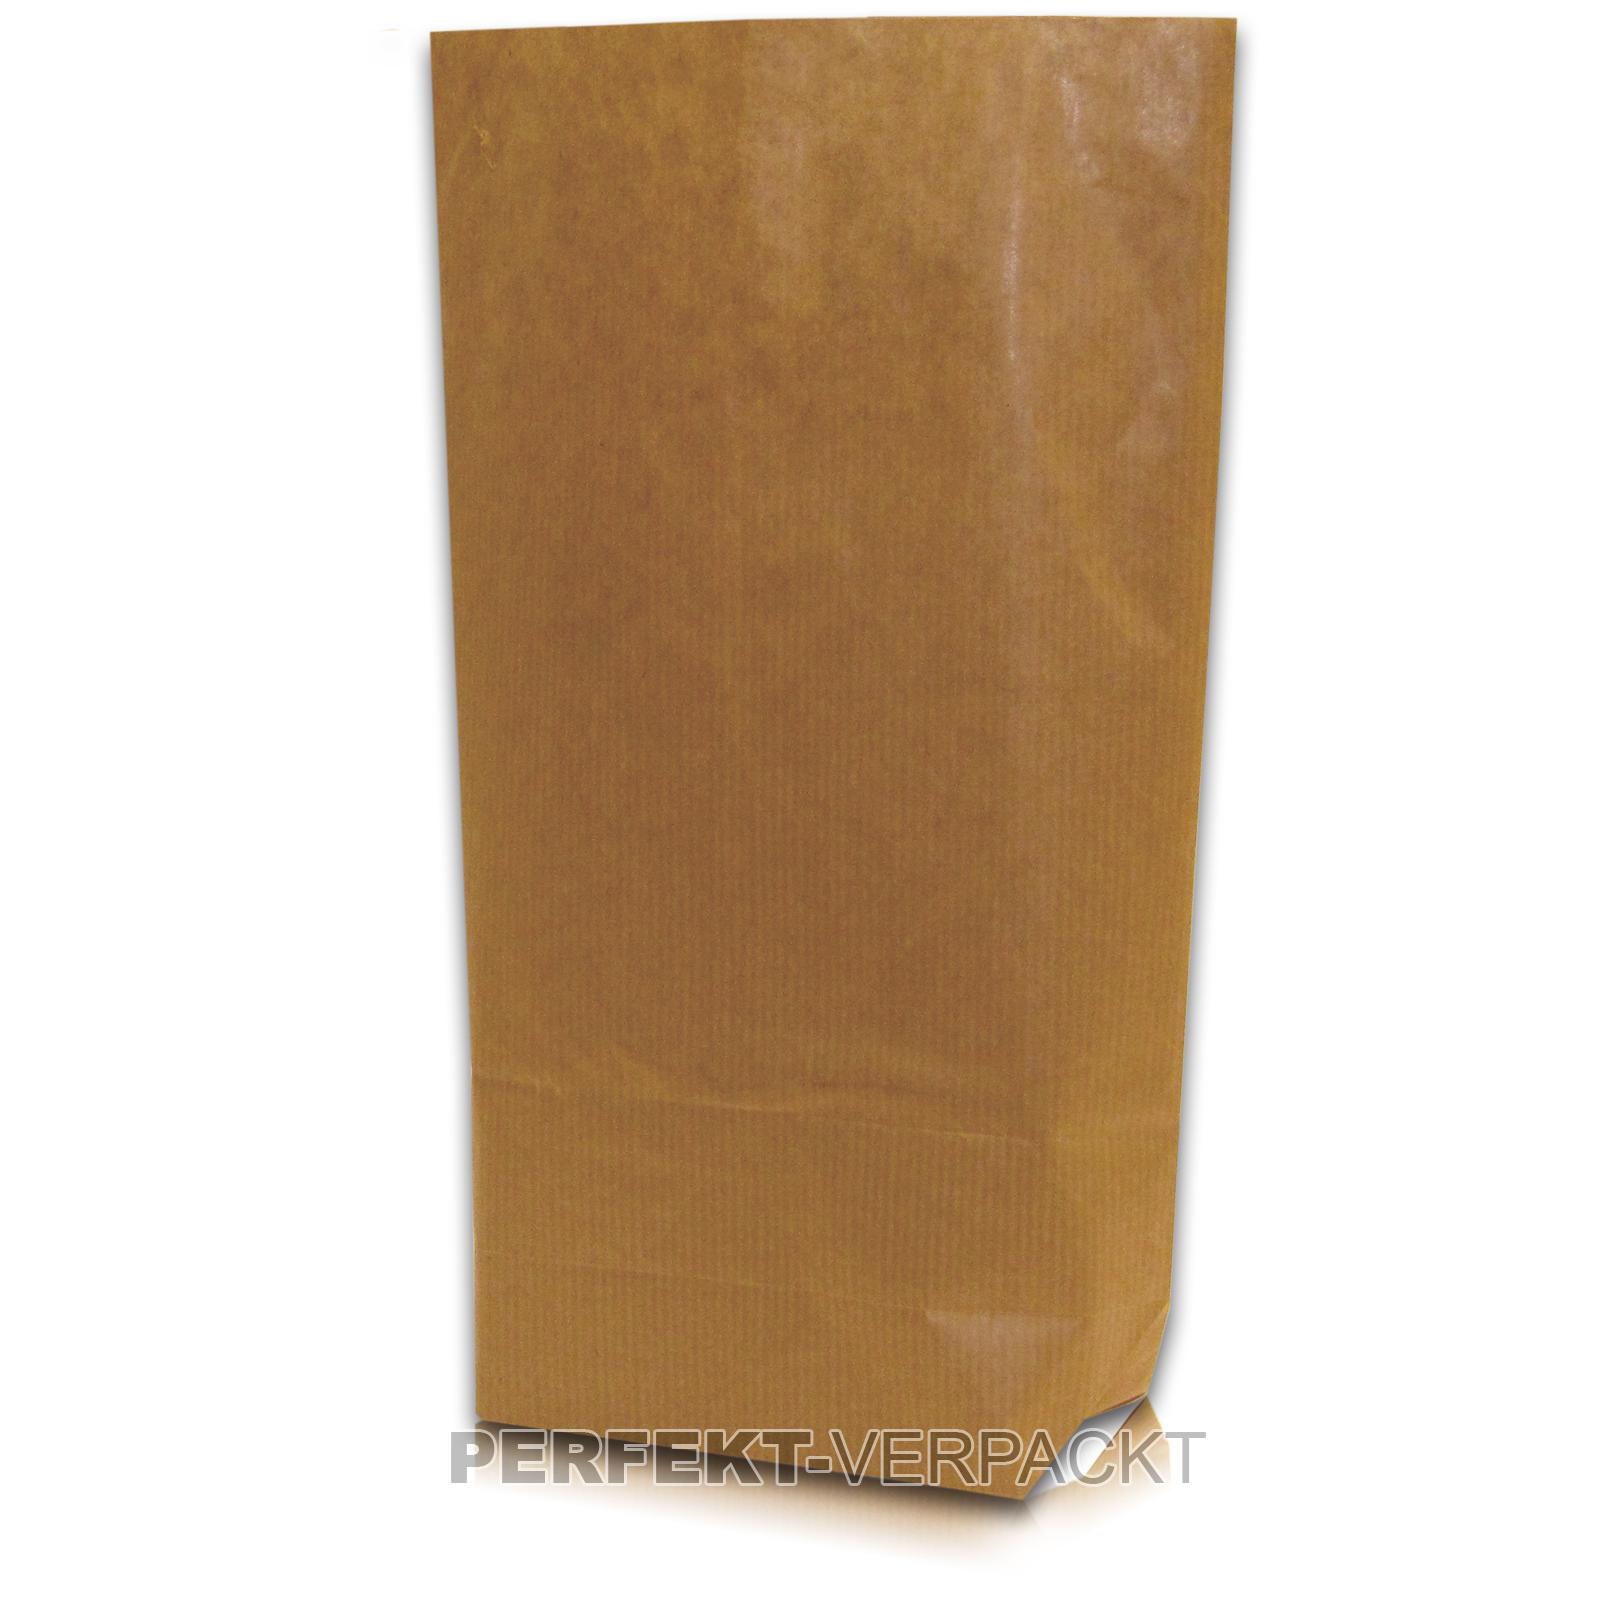 500 Bodenbeutel 28x45cm  unbedruckt aus braunem Natronmischpapier